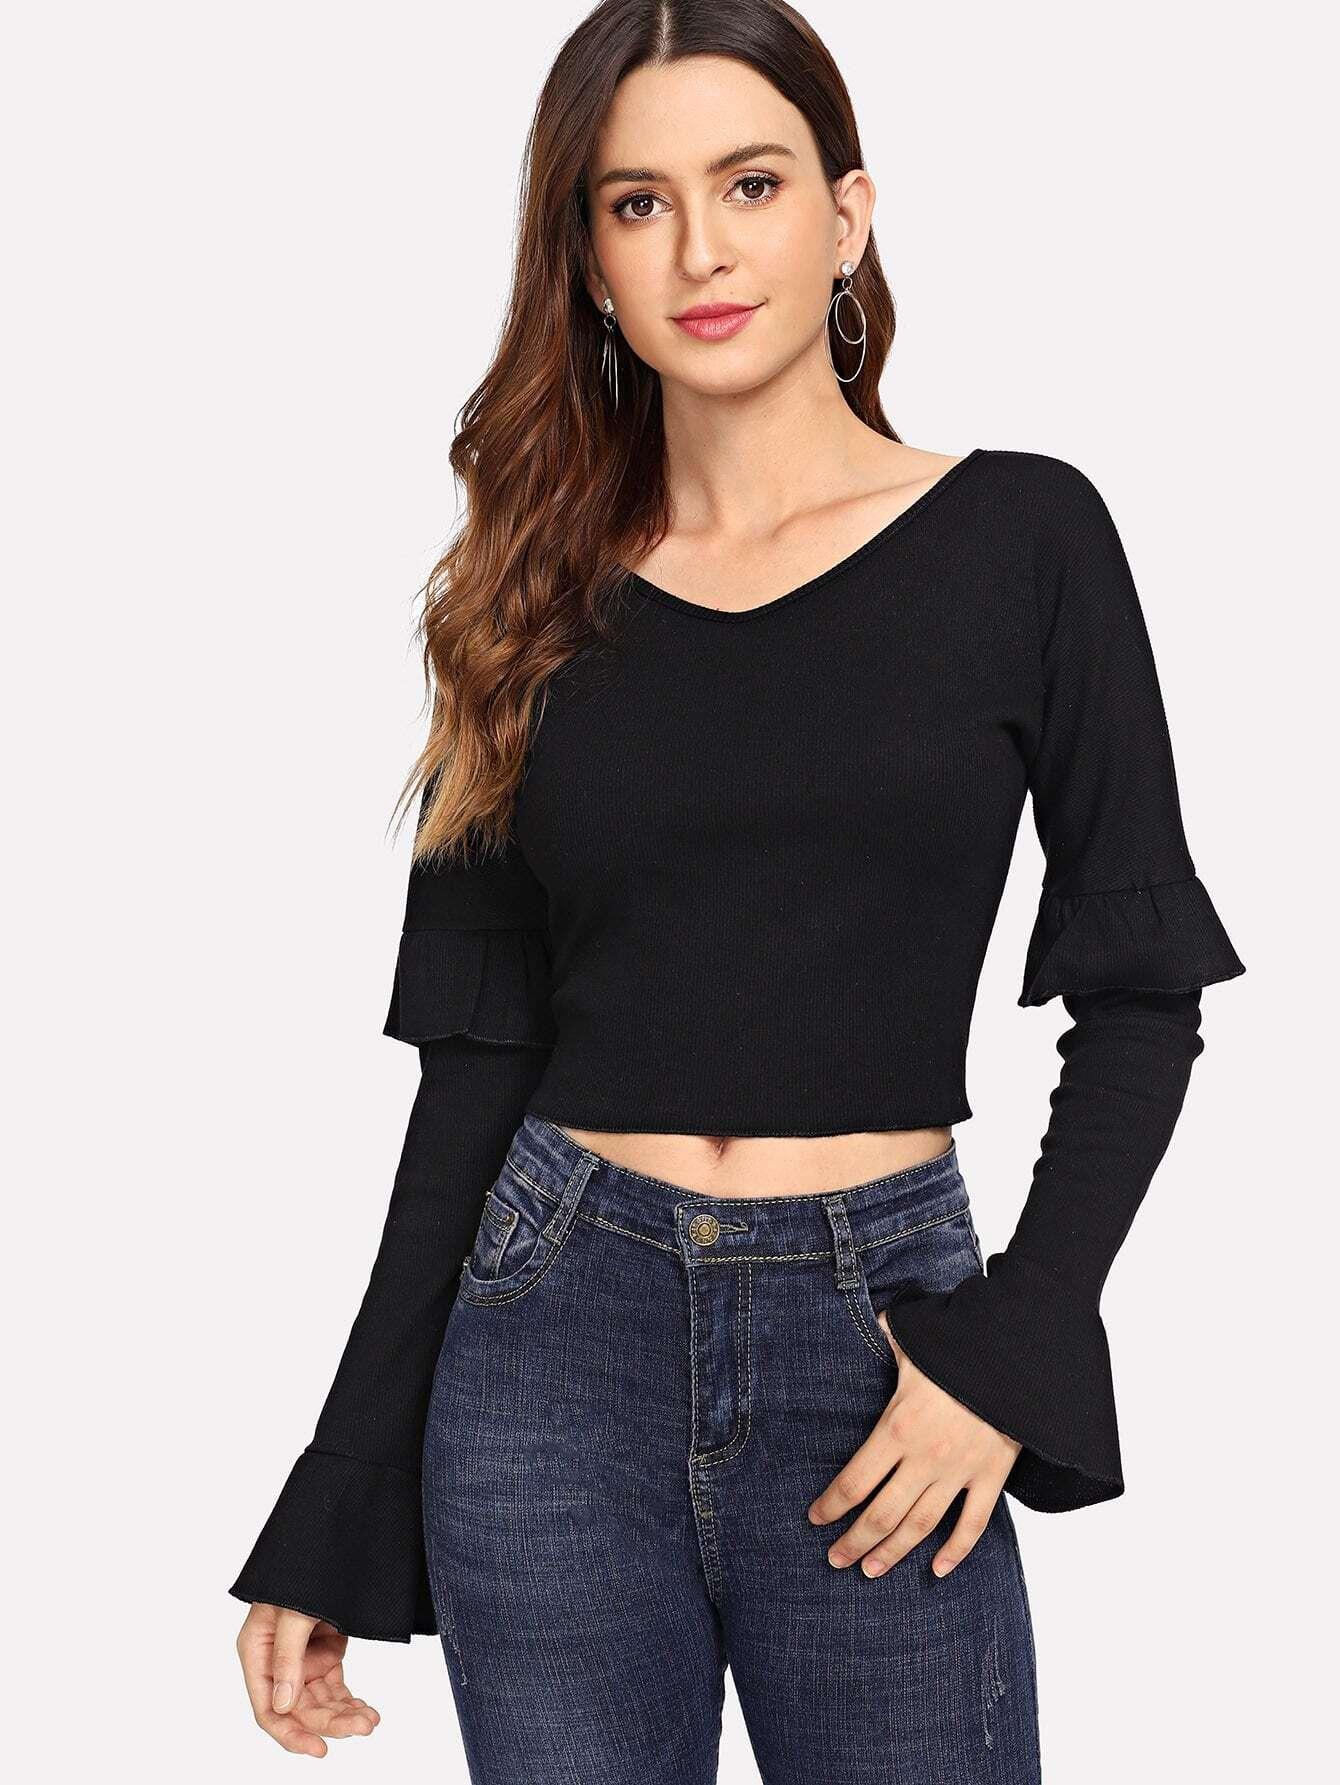 Купить Простая футболка с V-образным воротником, Jana, SheIn